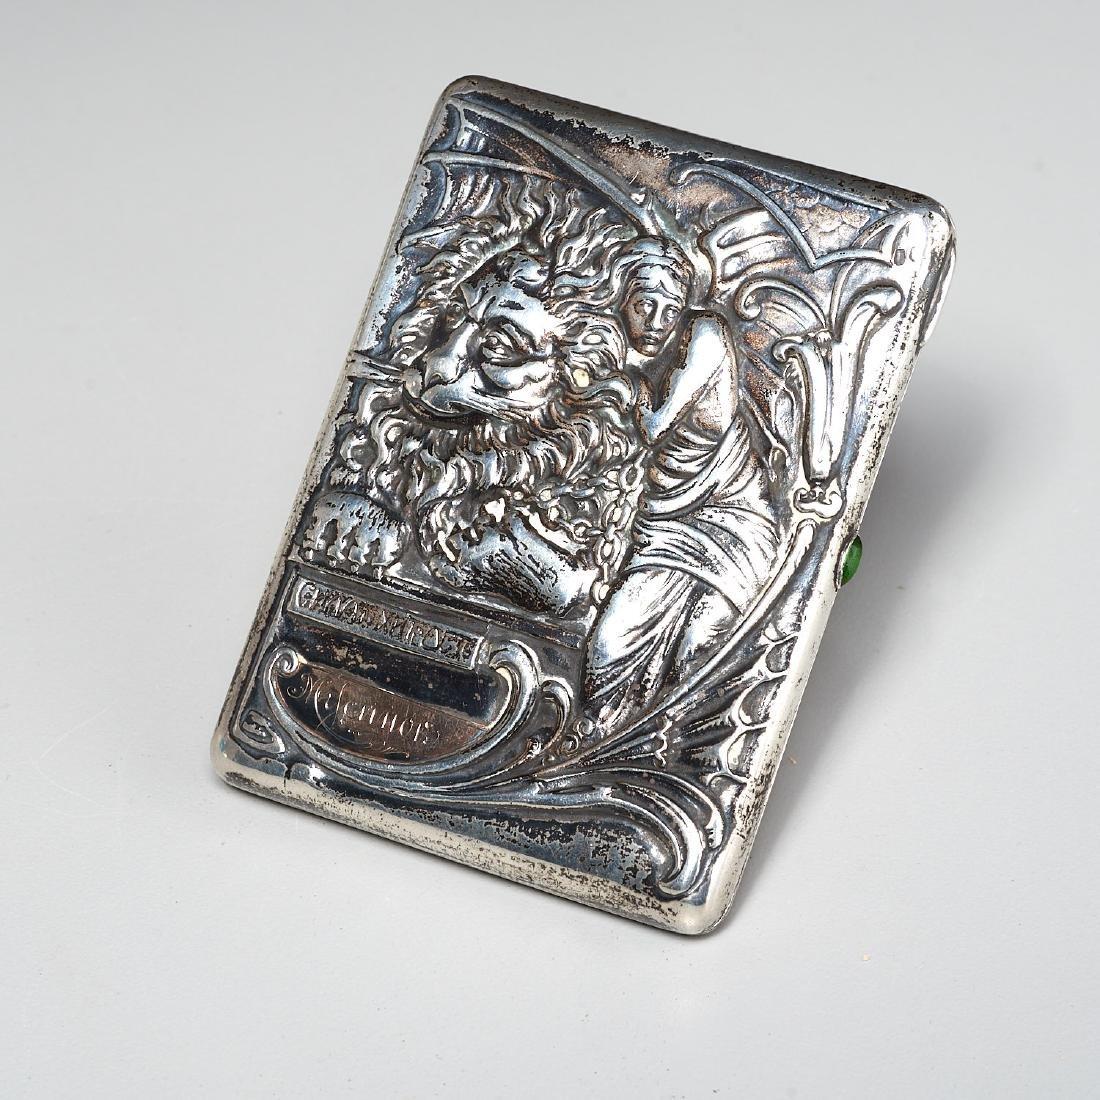 Russian Art Nouveau cigarette case